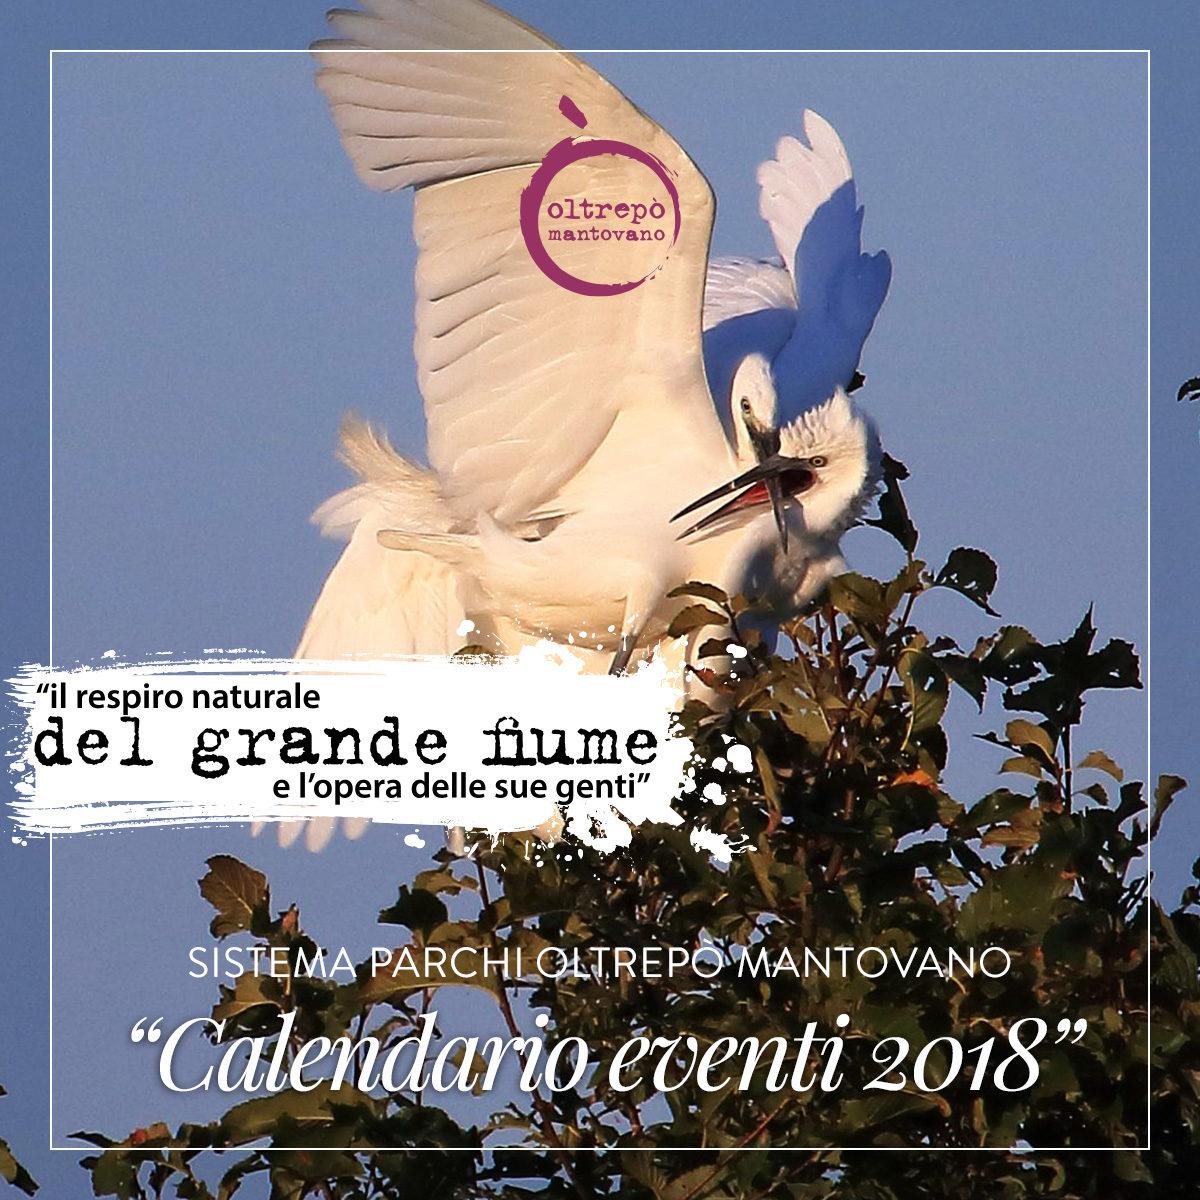 Sistema Parchi Oltrepò Mantovano | Calendario eventi 2018